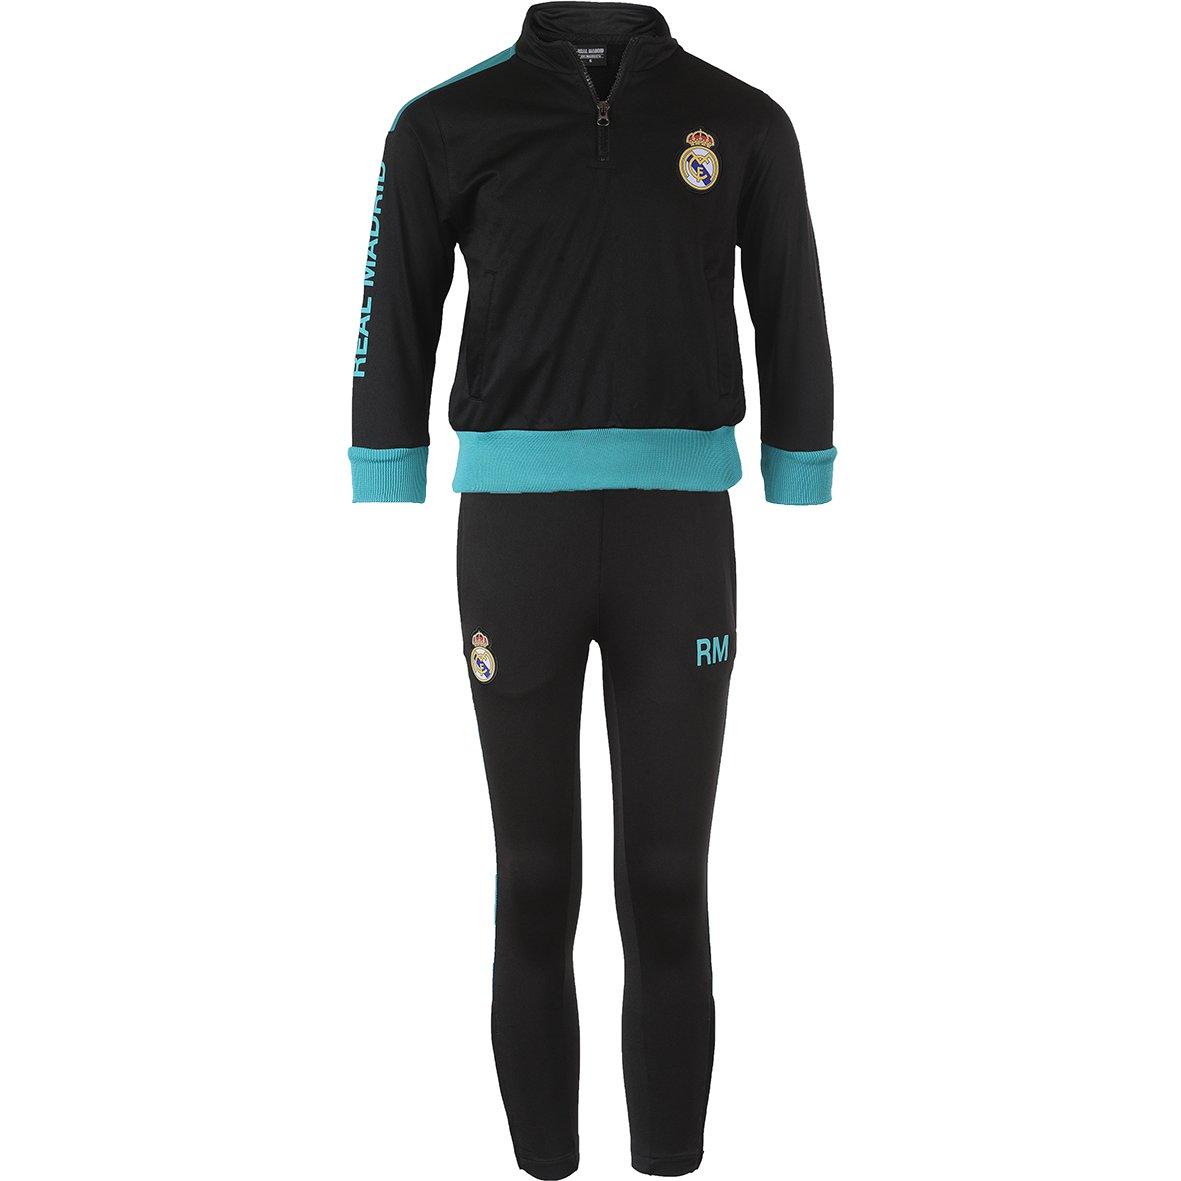 Real Madrid rma-se-8001 N B Set Trainingsanzug Kinder